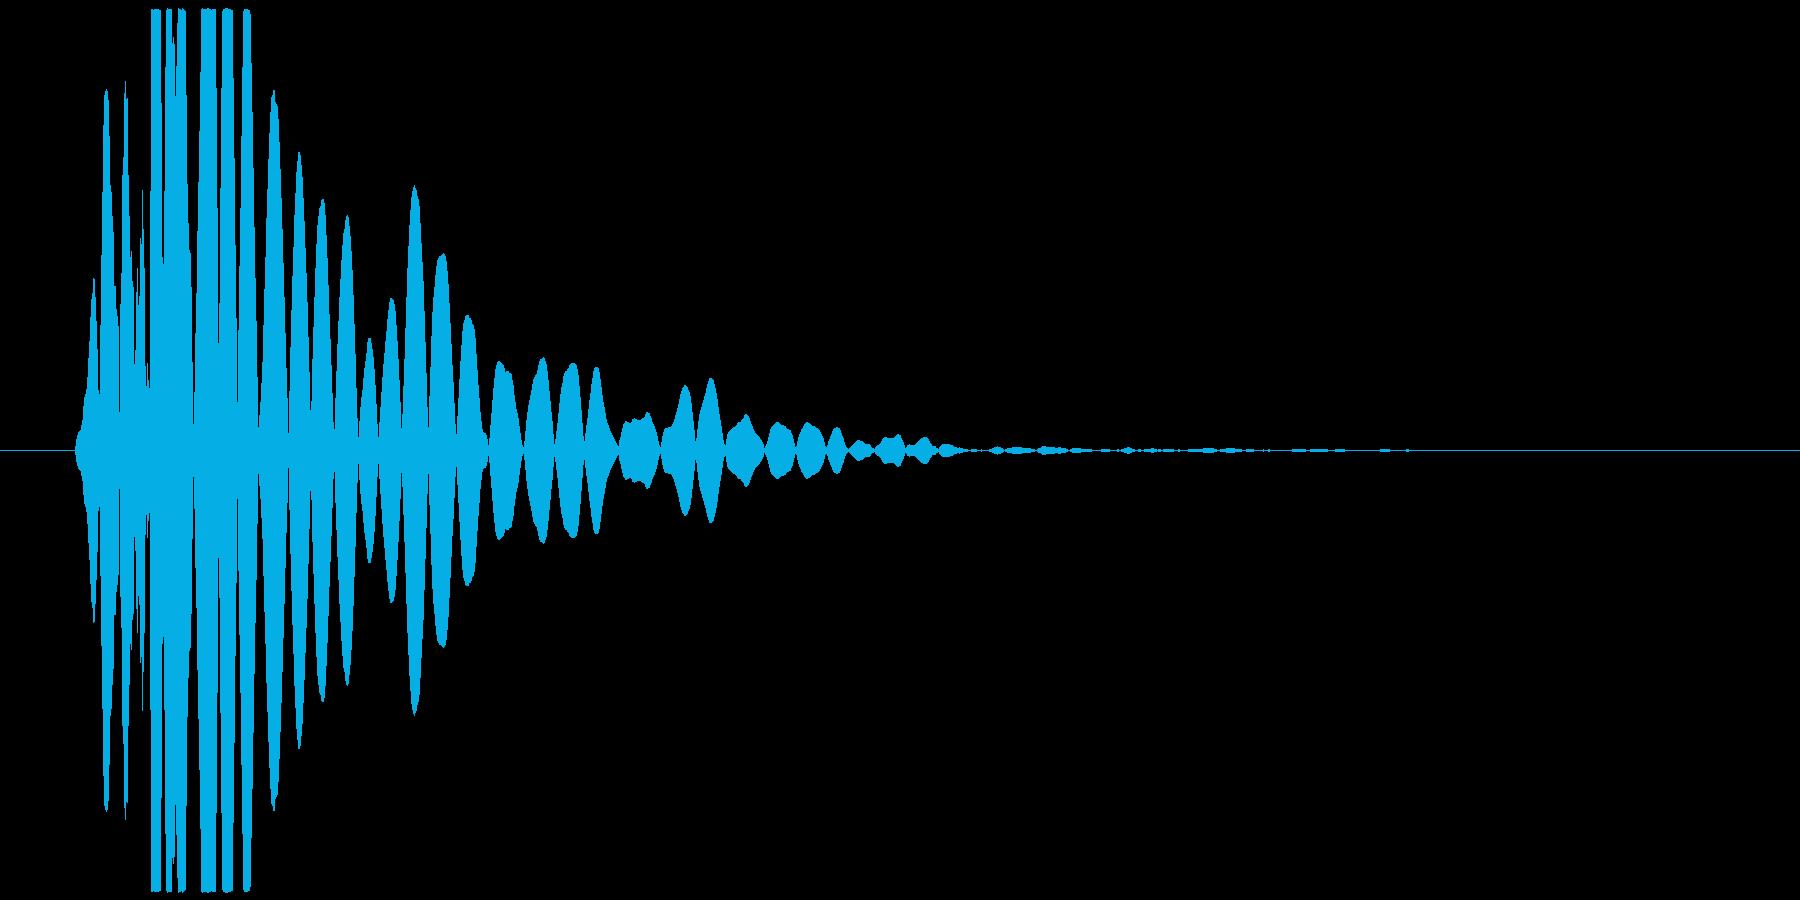 ドンッ、バタッ(倒れる、足音、低音)の再生済みの波形